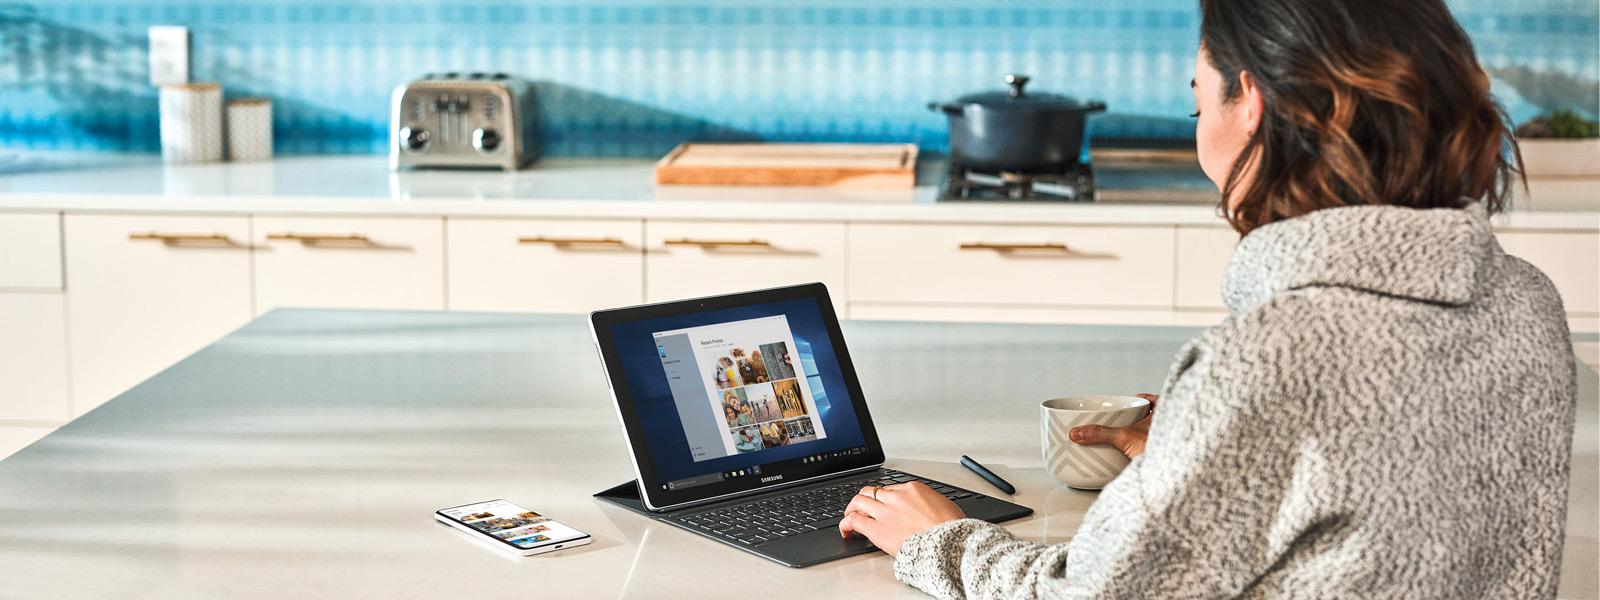 Una donna seduta al tavolo di una cucina utilizza un portatile Windows 10 con il suo telefono